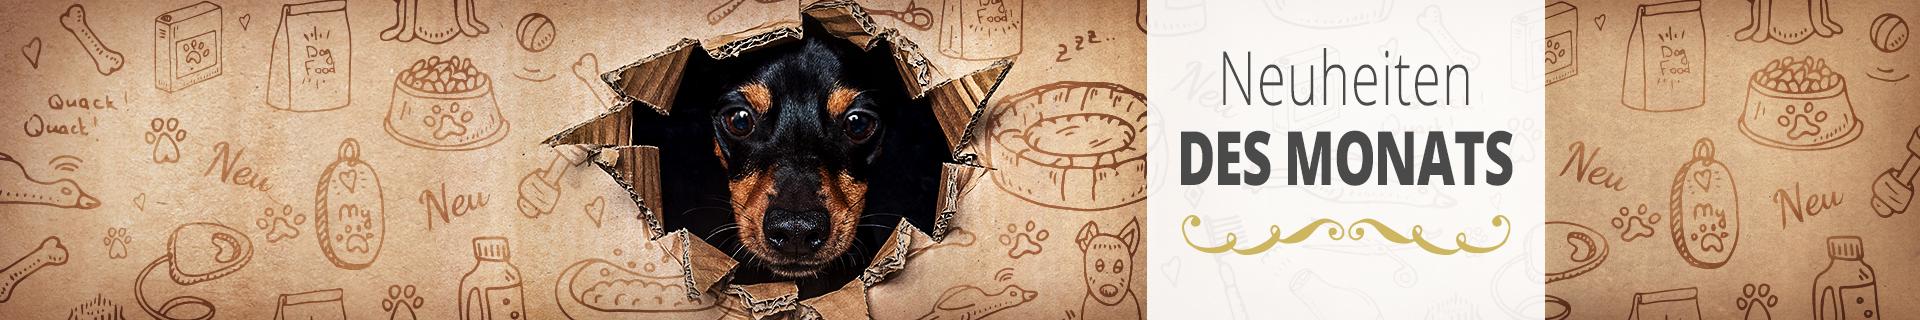 Neuheiten für Hunde